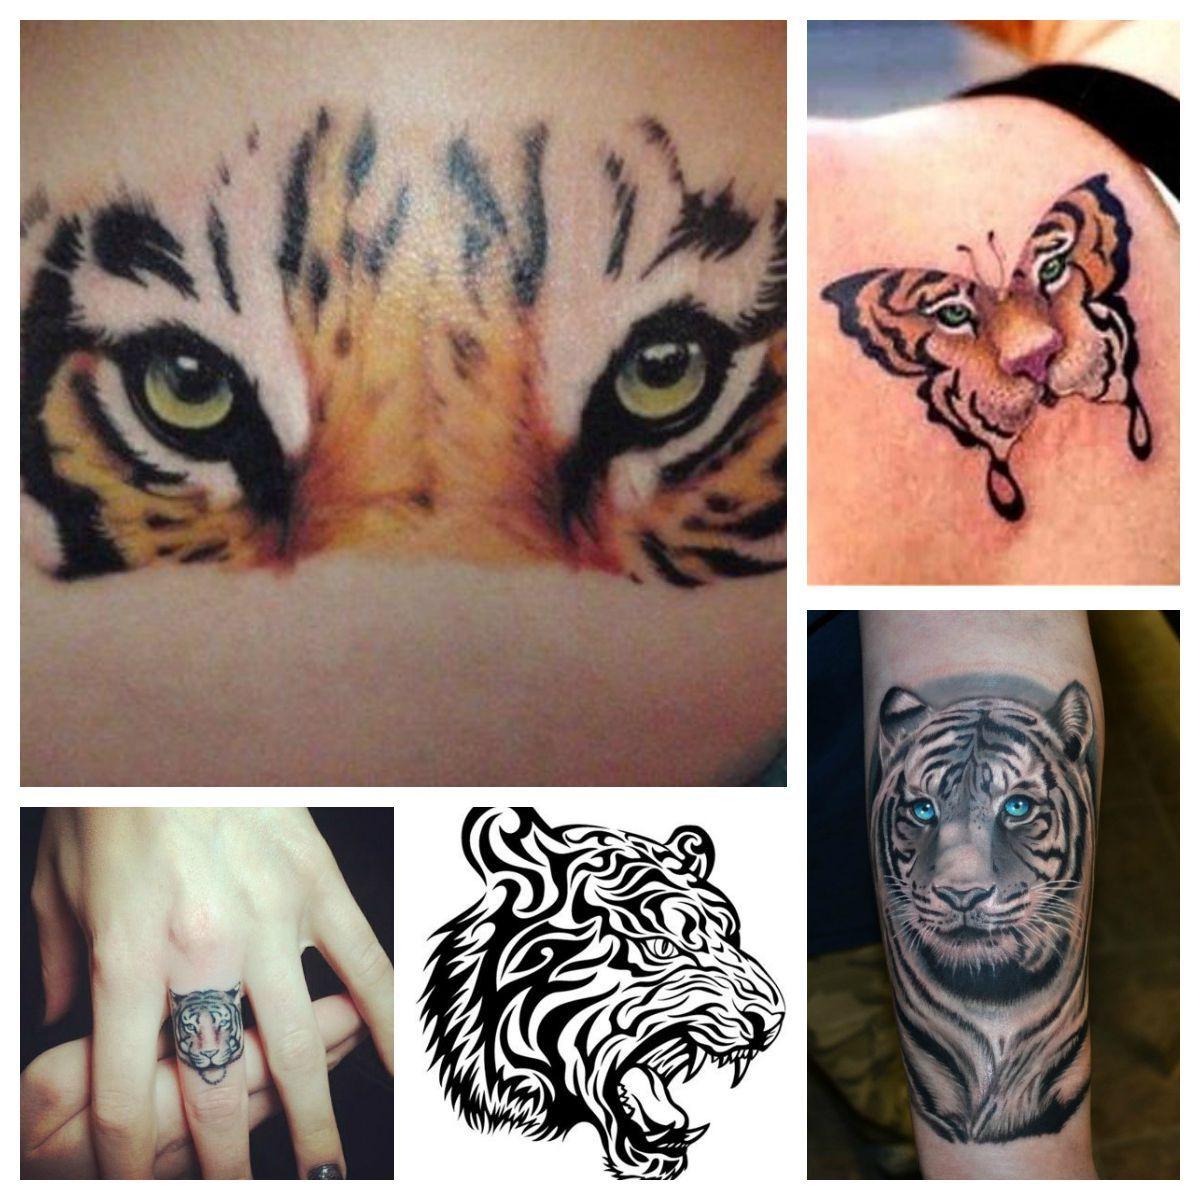 8dcbaac17 La Tigre Tatuaggio che rappresenta Forza e Coraggio | tattoos ...